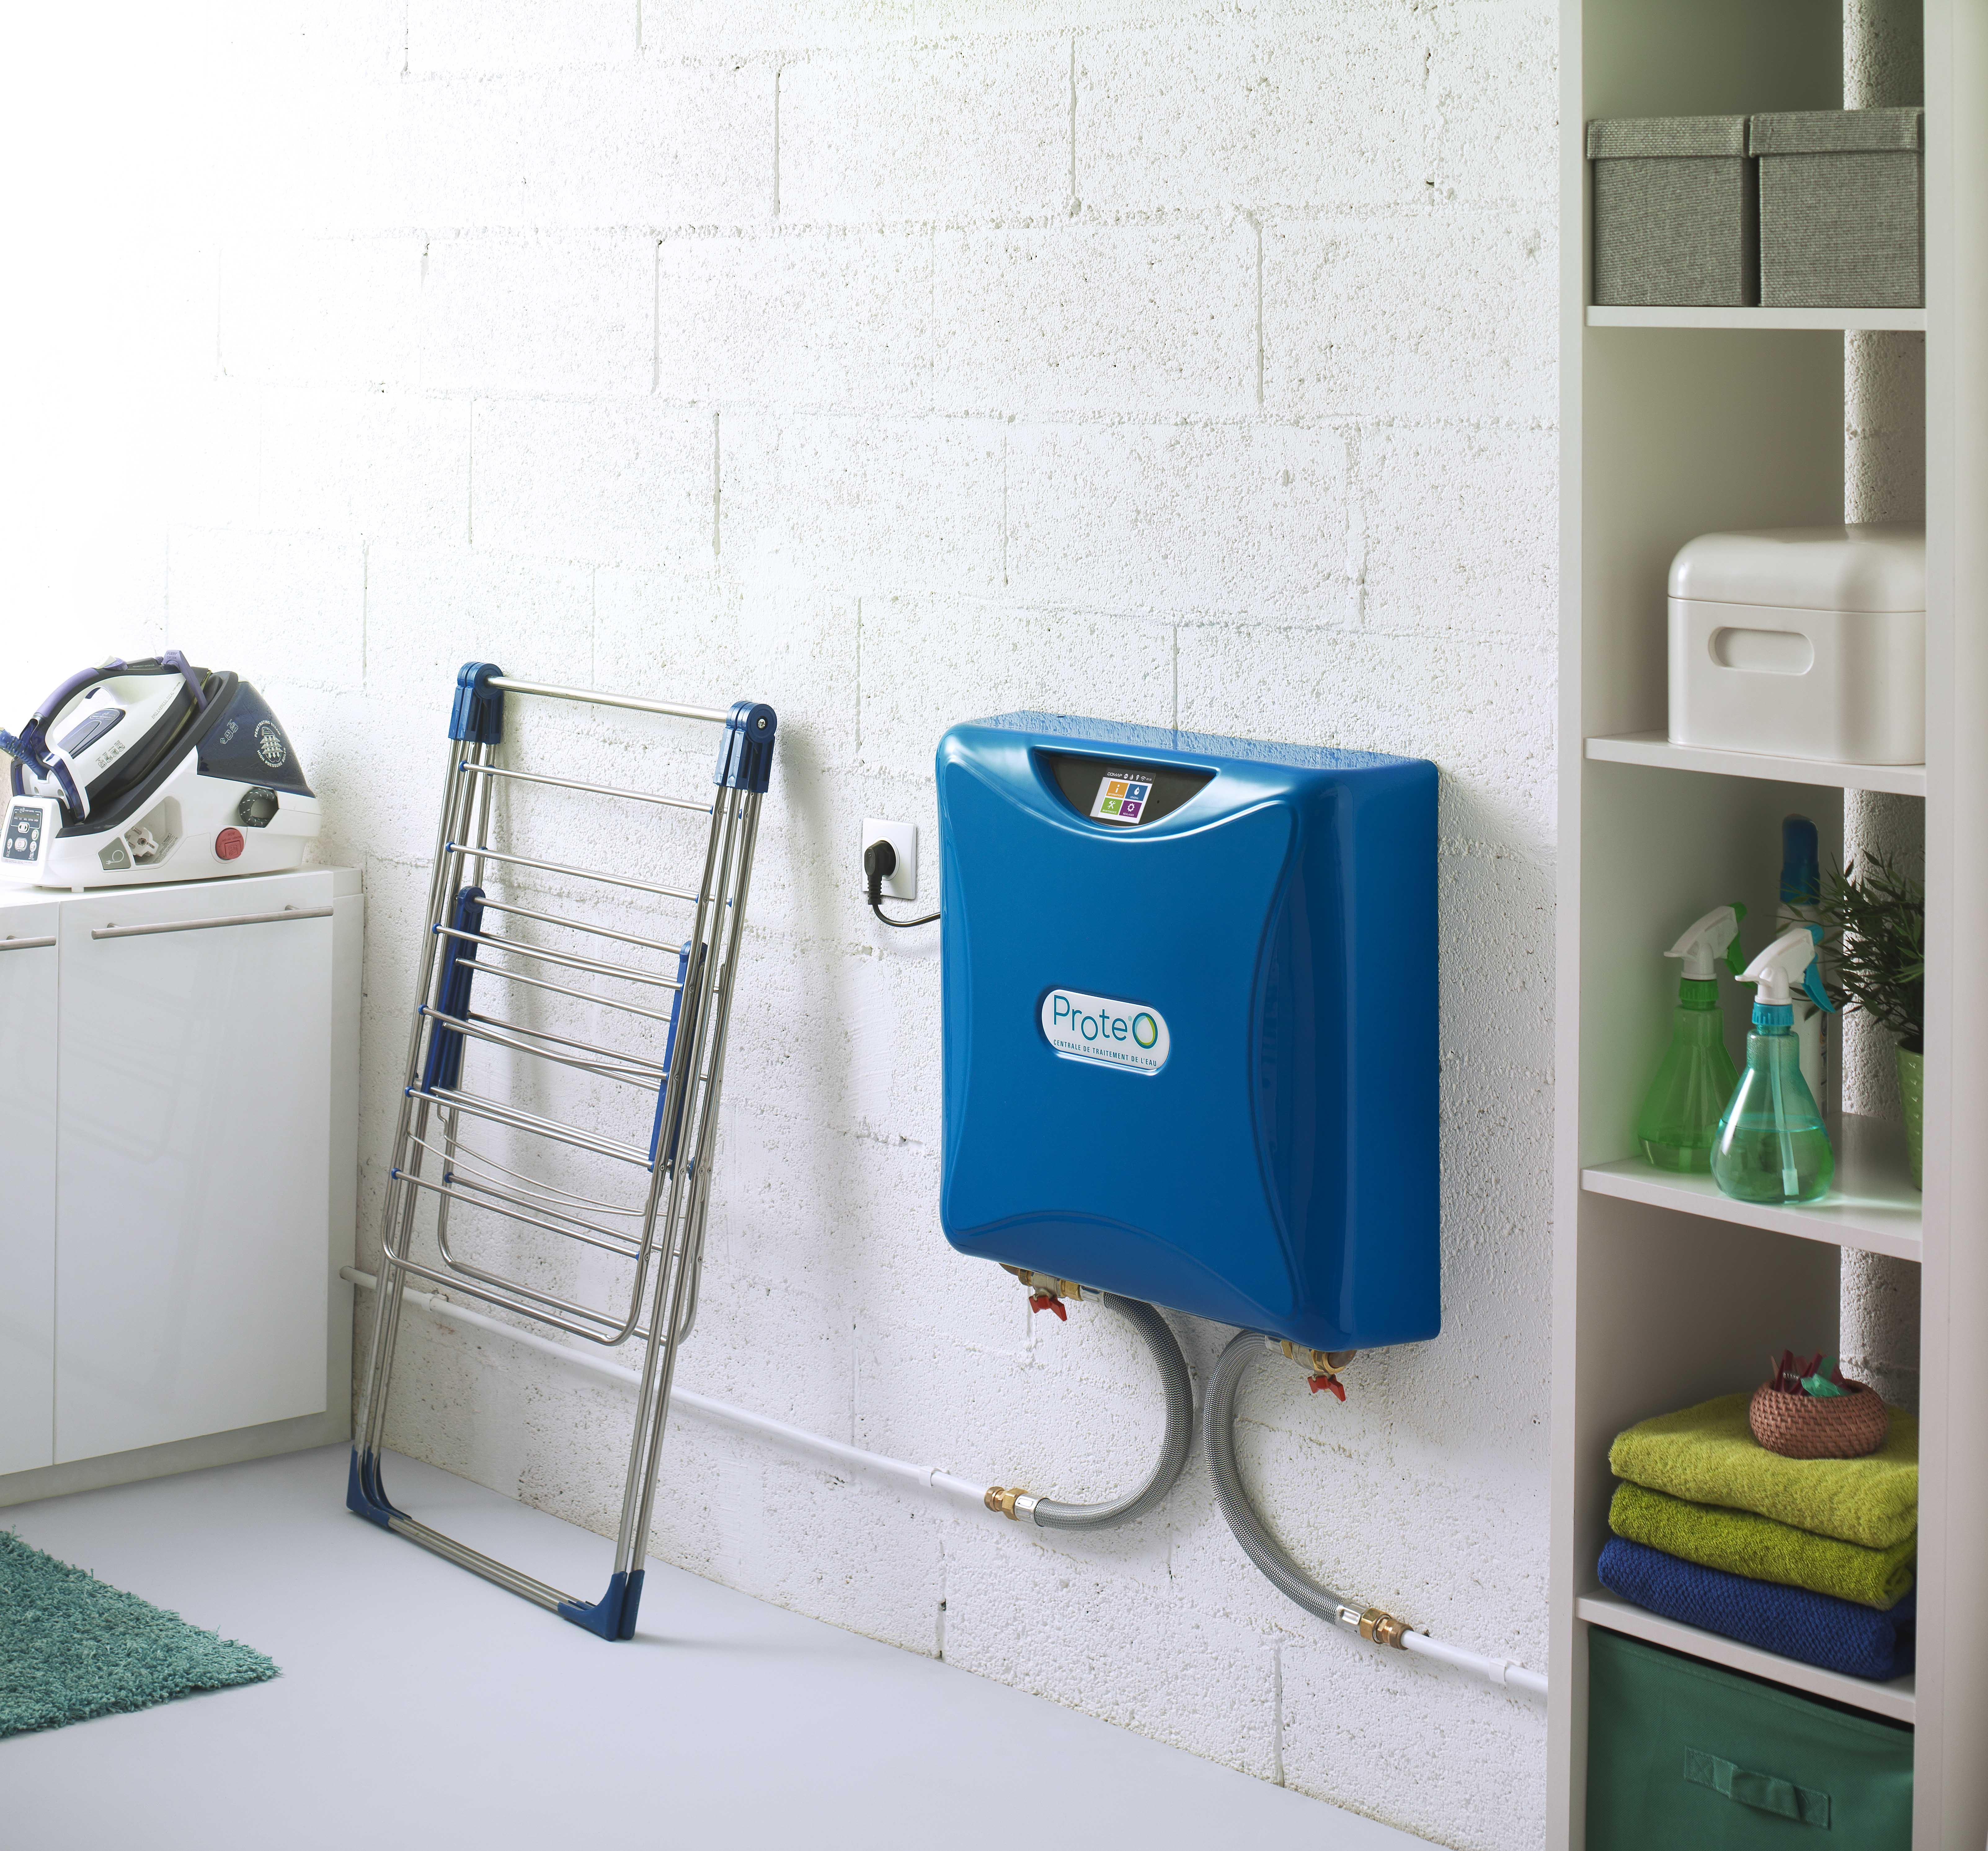 proteo de comap la centrale de traitement de l eau made in france pour une eau de qualit. Black Bedroom Furniture Sets. Home Design Ideas